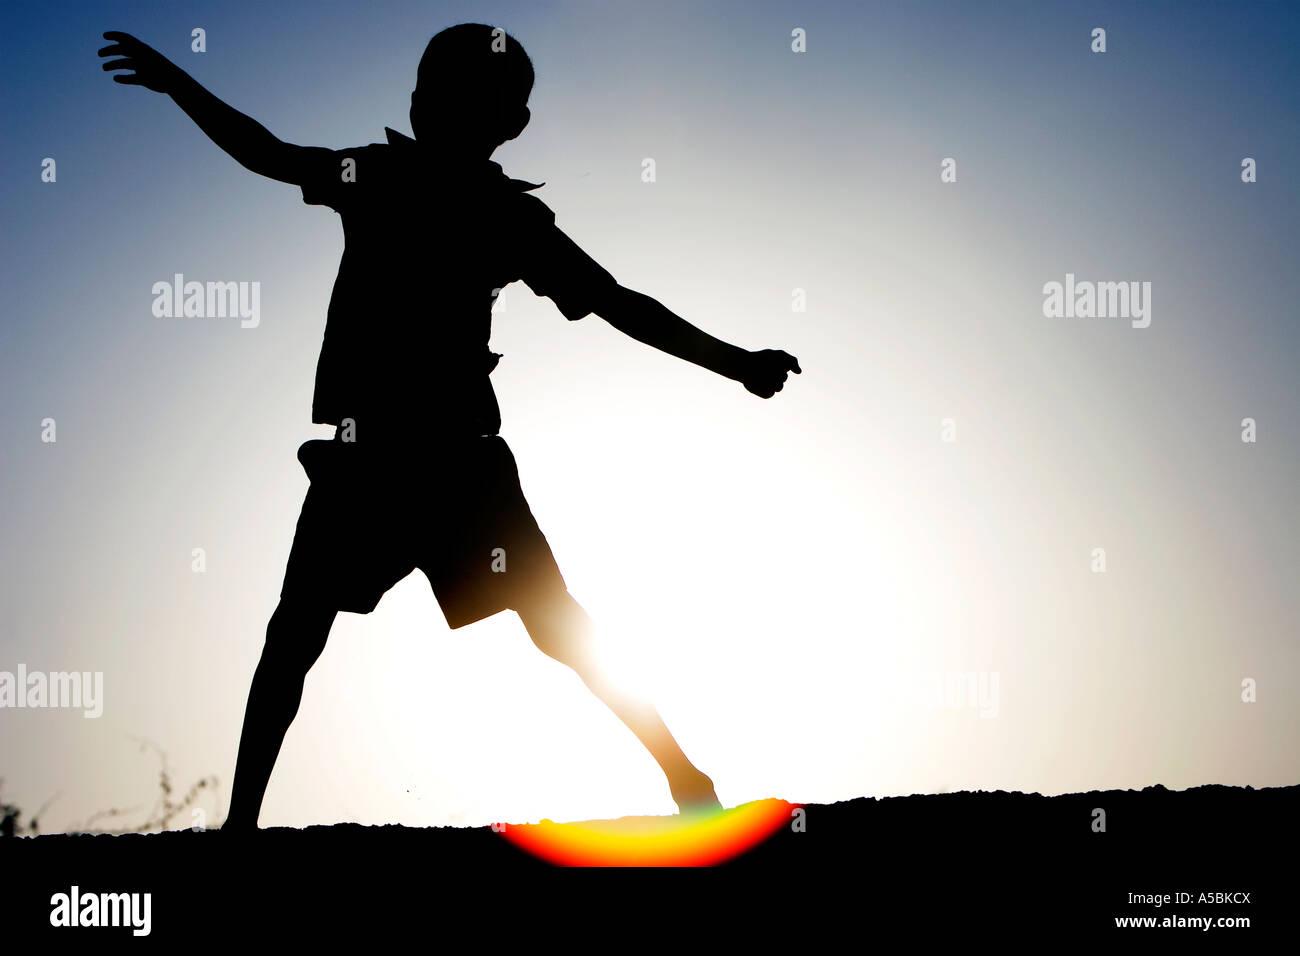 Silhouette Profil eines jungen indischen Tanz vor dunstige Sonne Einstellung Hintergrund zeigt Linseneffekt. Indien Stockbild